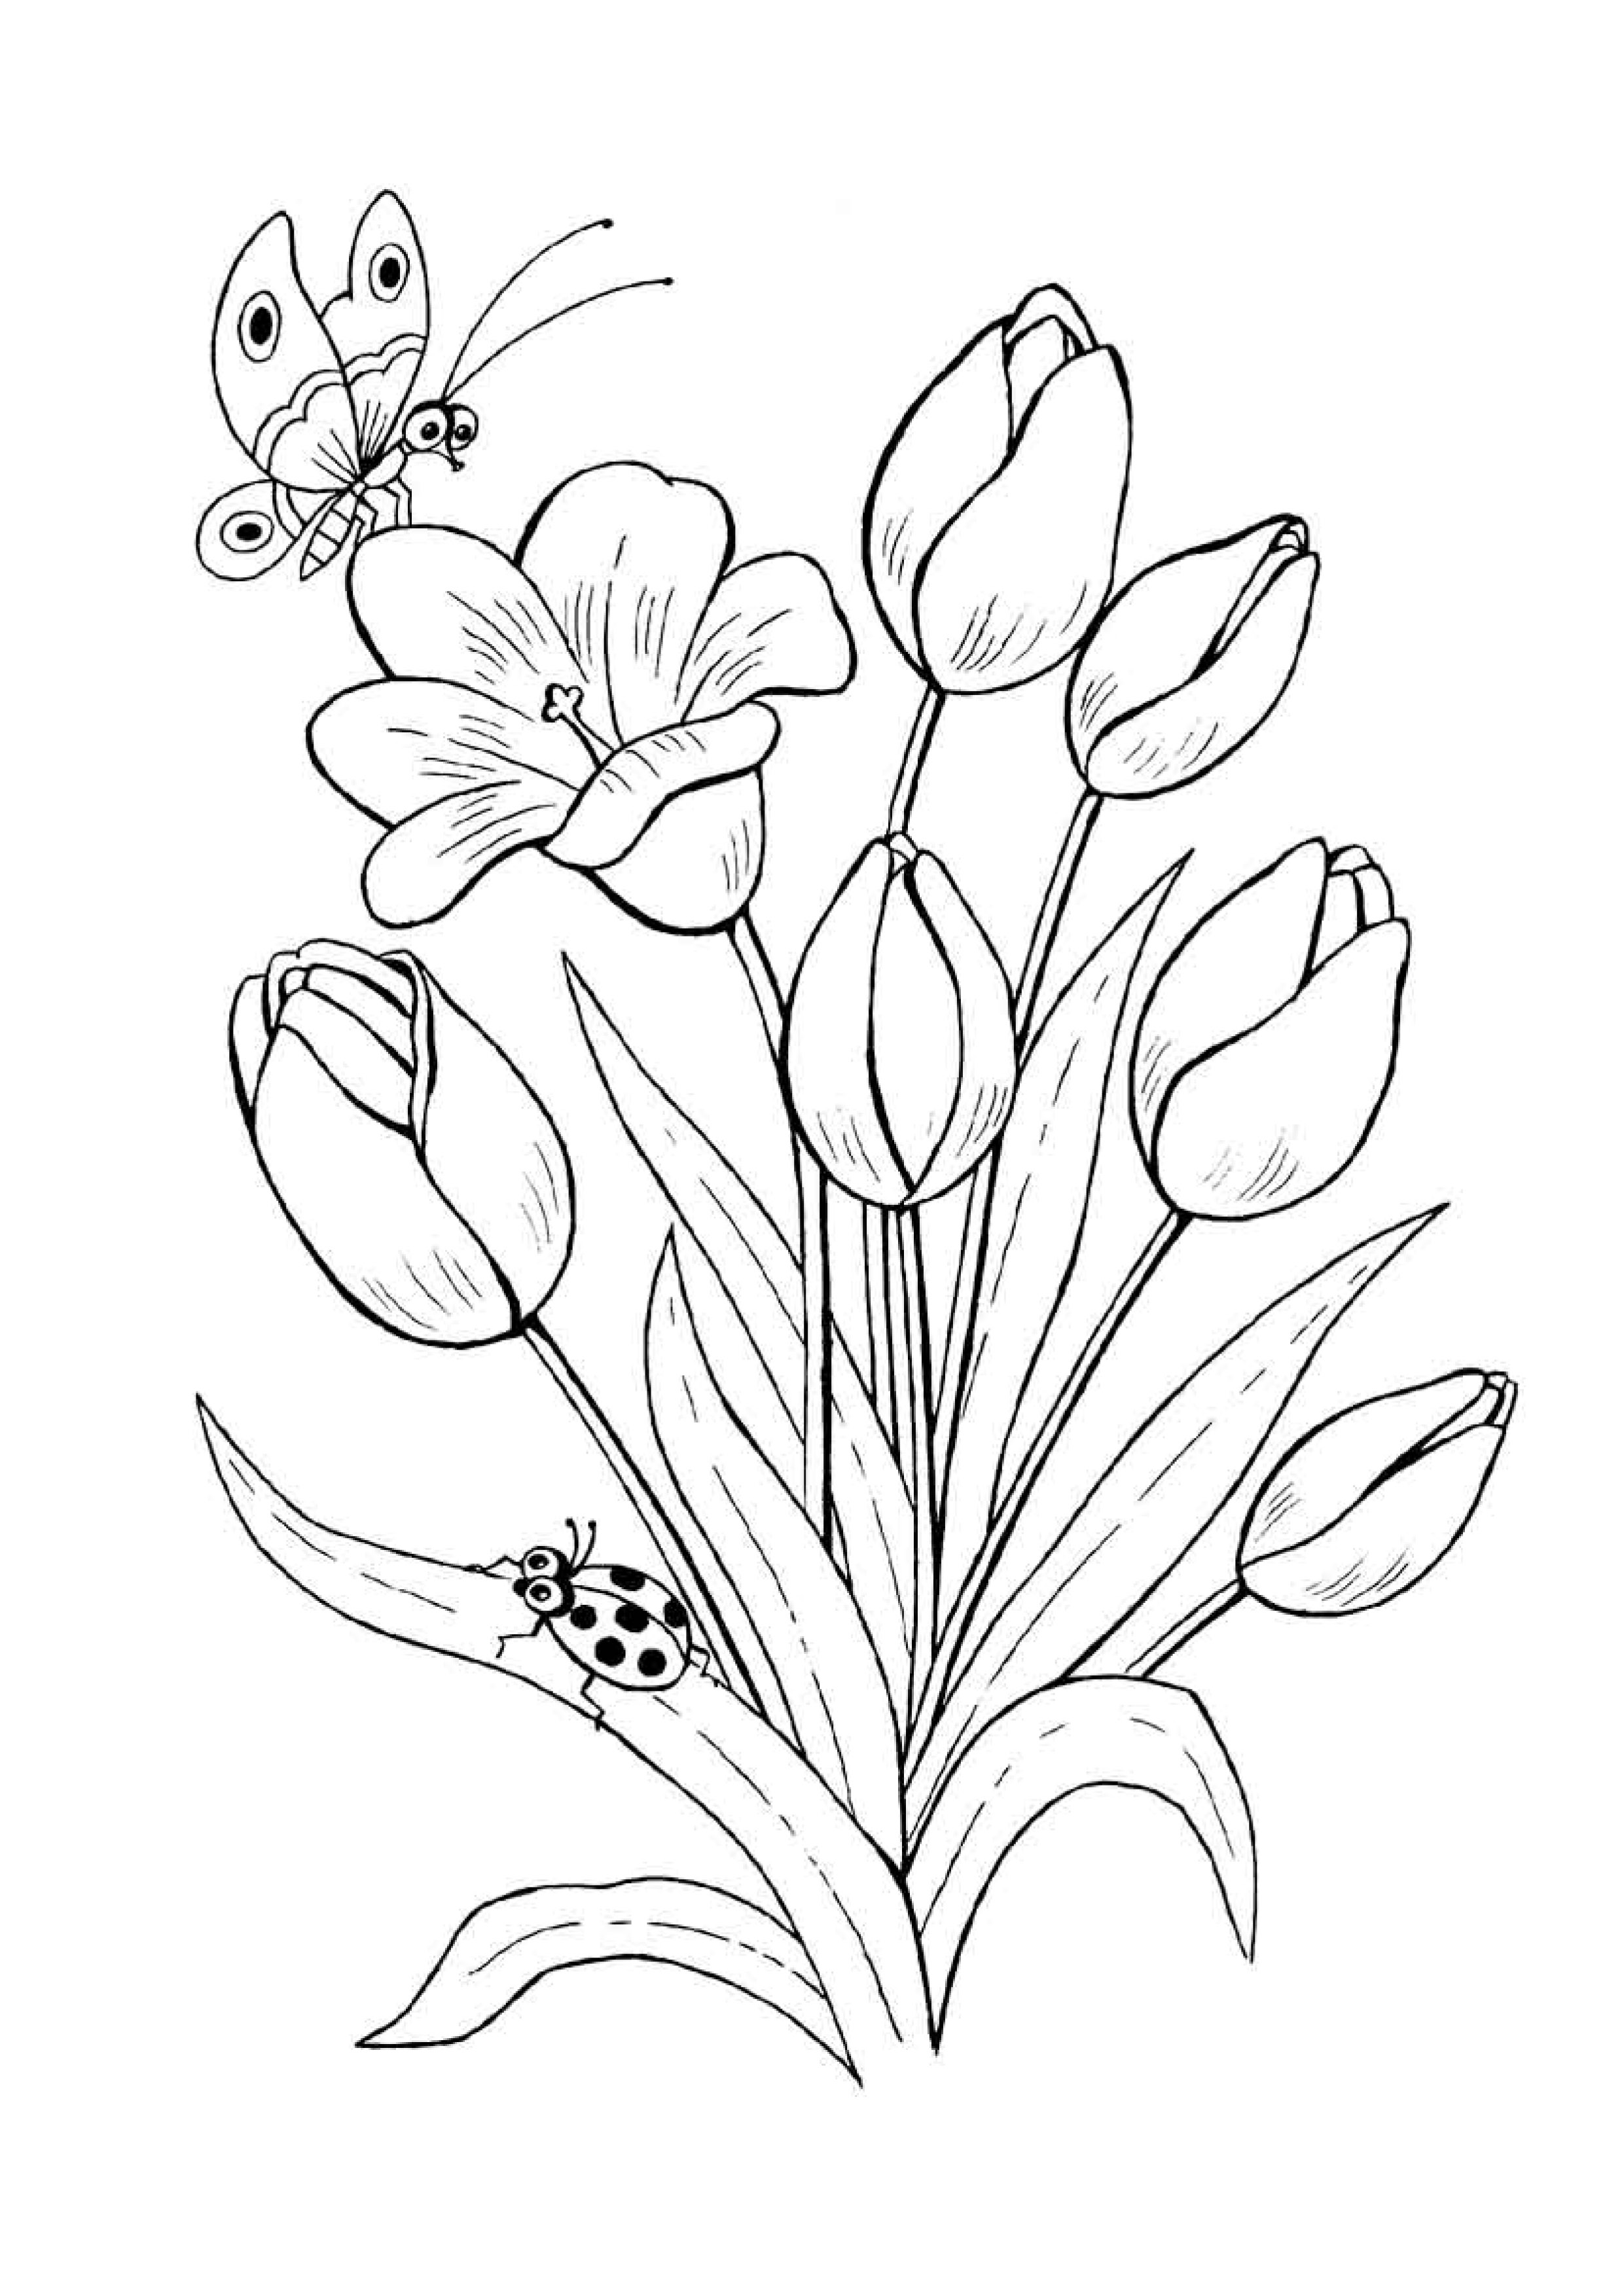 раскраски для детей на тему цветы